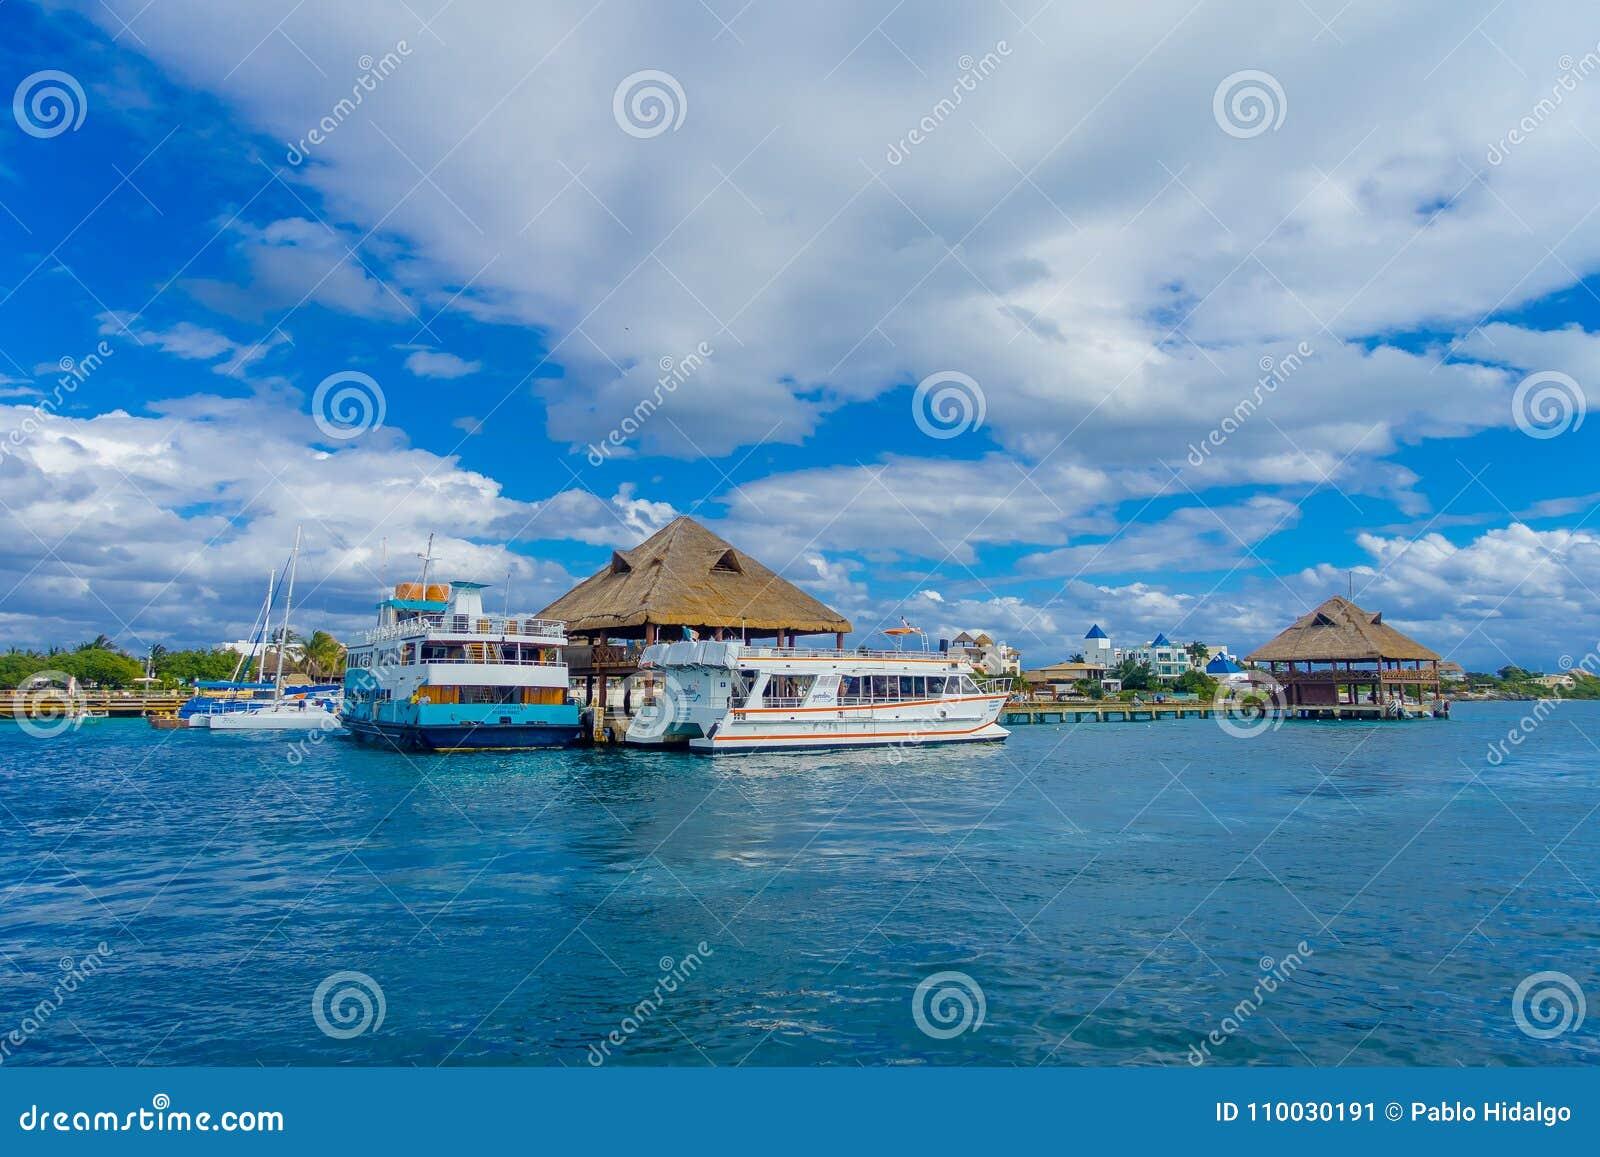 ISLA MUJERES, MEXICO, 10 JANUARI, 2018: Openluchtmening van schip in de kust met vele passagier, dicht bij een typisch huis